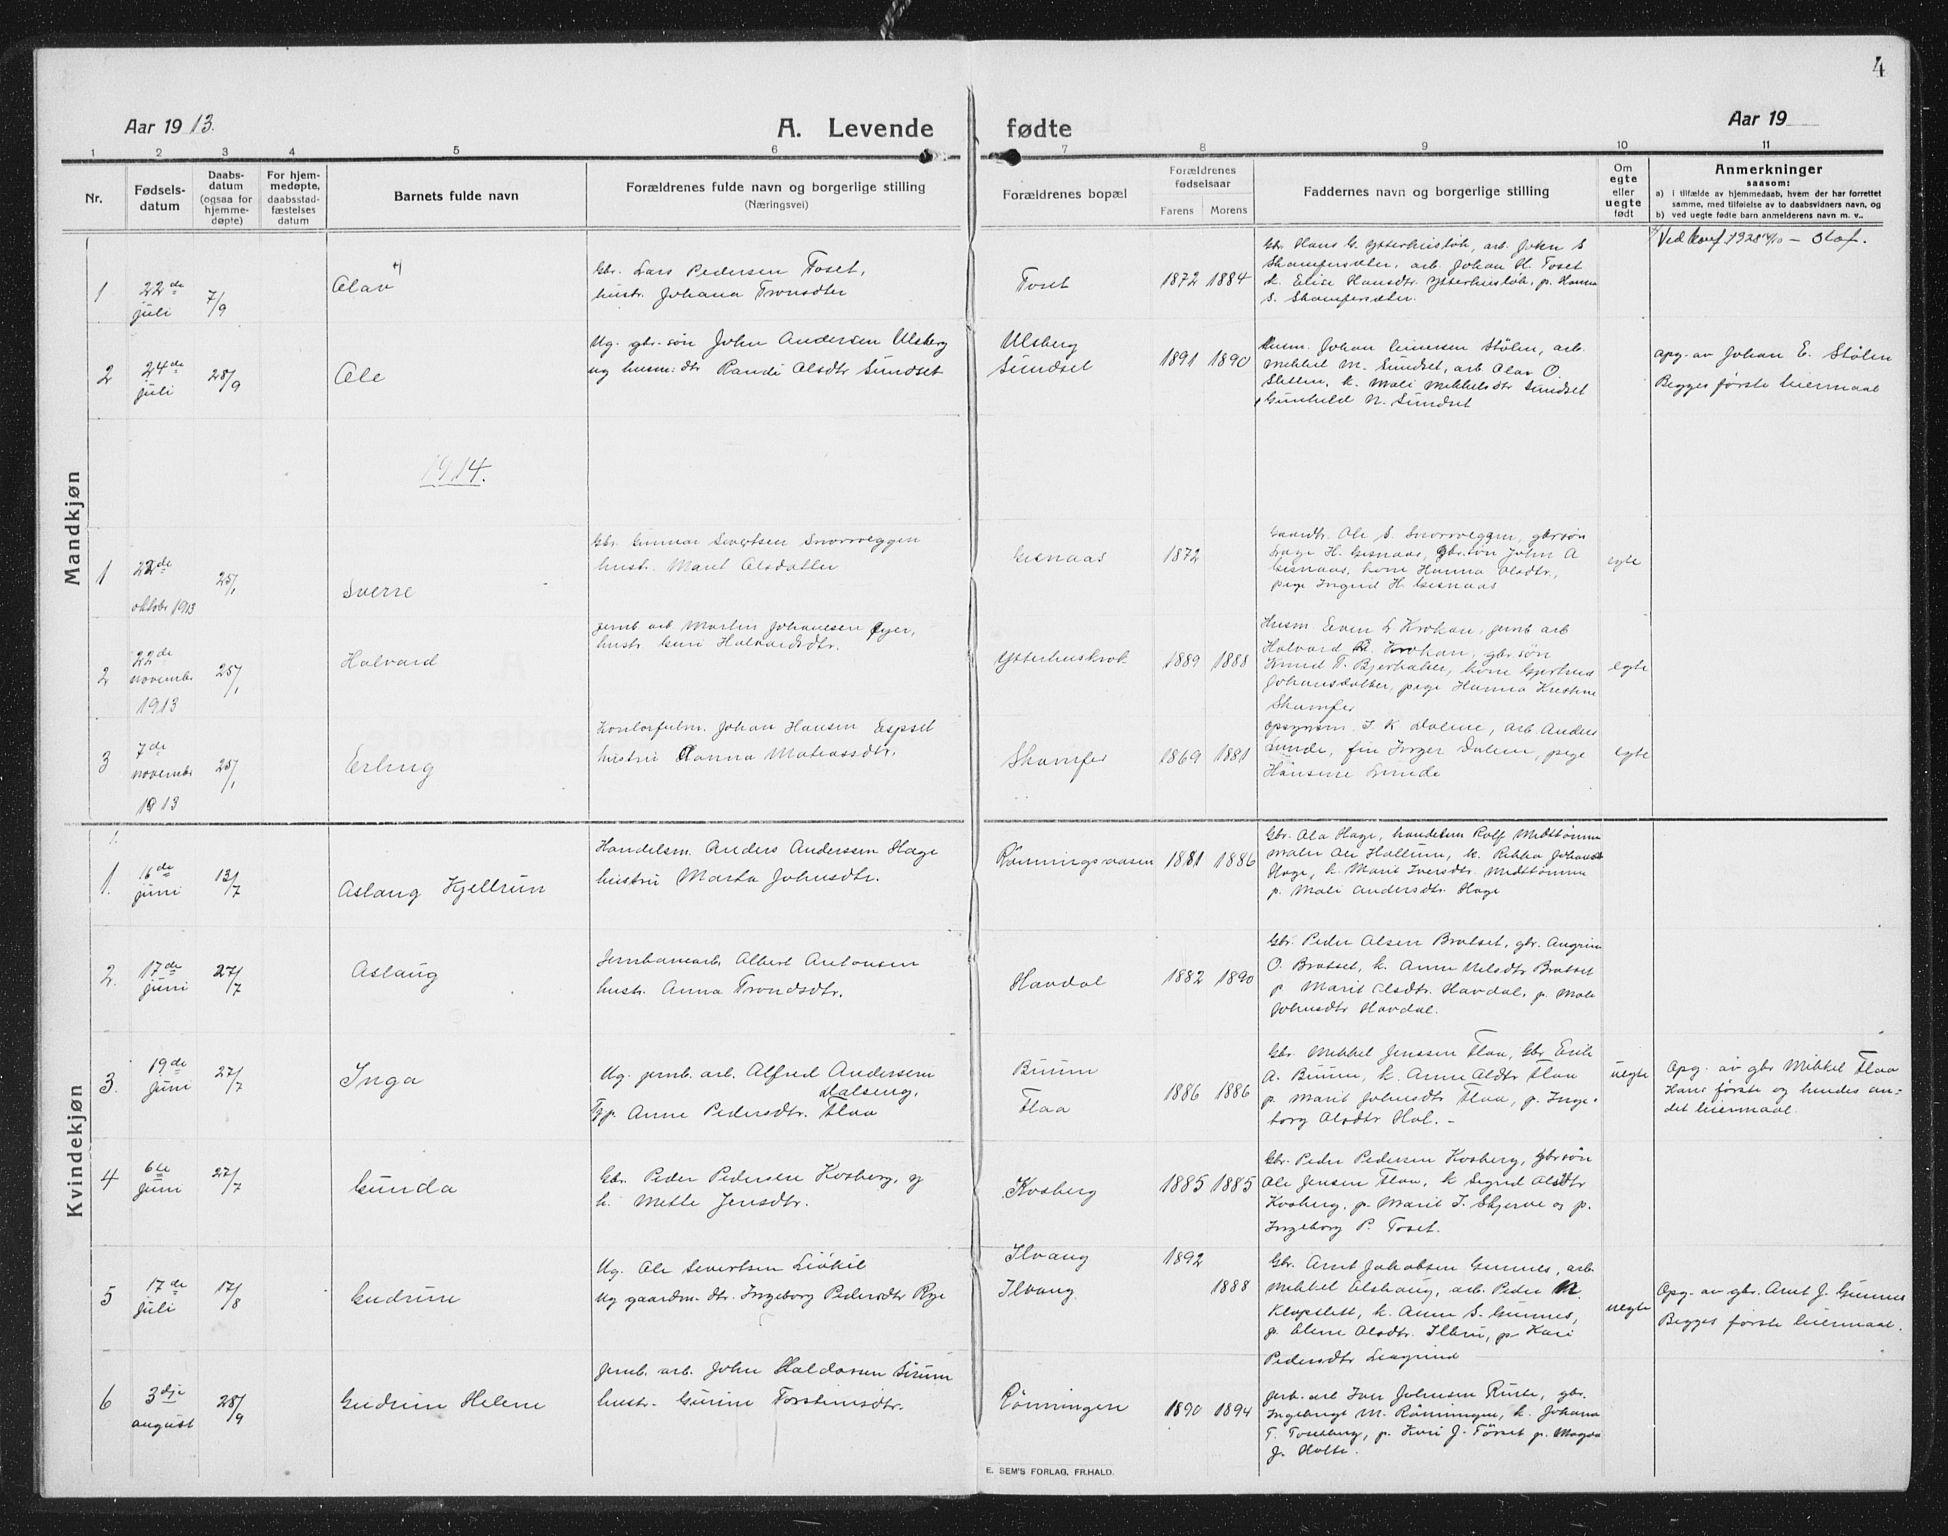 SAT, Ministerialprotokoller, klokkerbøker og fødselsregistre - Sør-Trøndelag, 675/L0888: Klokkerbok nr. 675C01, 1913-1935, s. 4